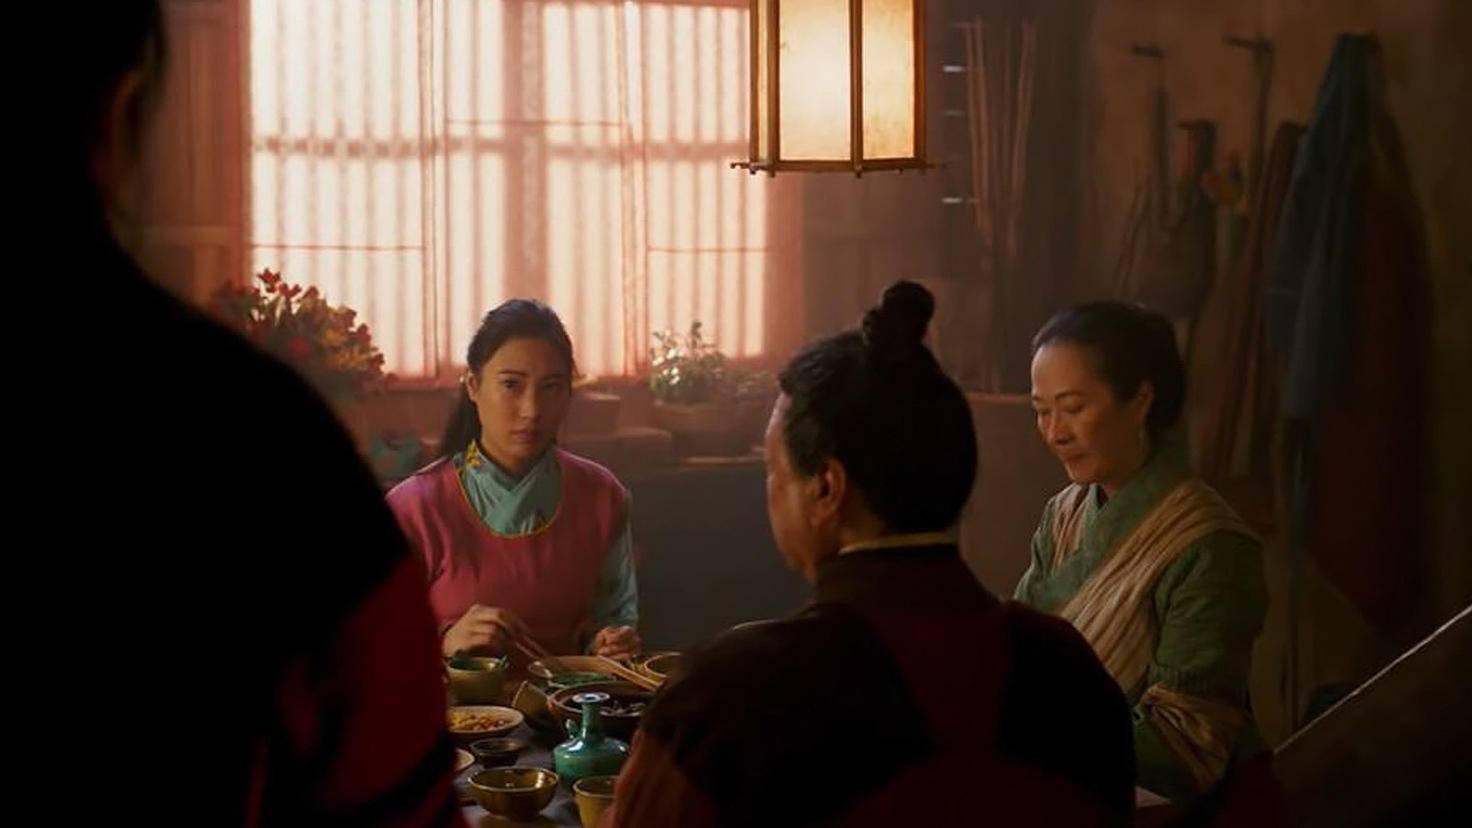 Familie Hua hat in der Realverfilmung Zuwachs erhalten.